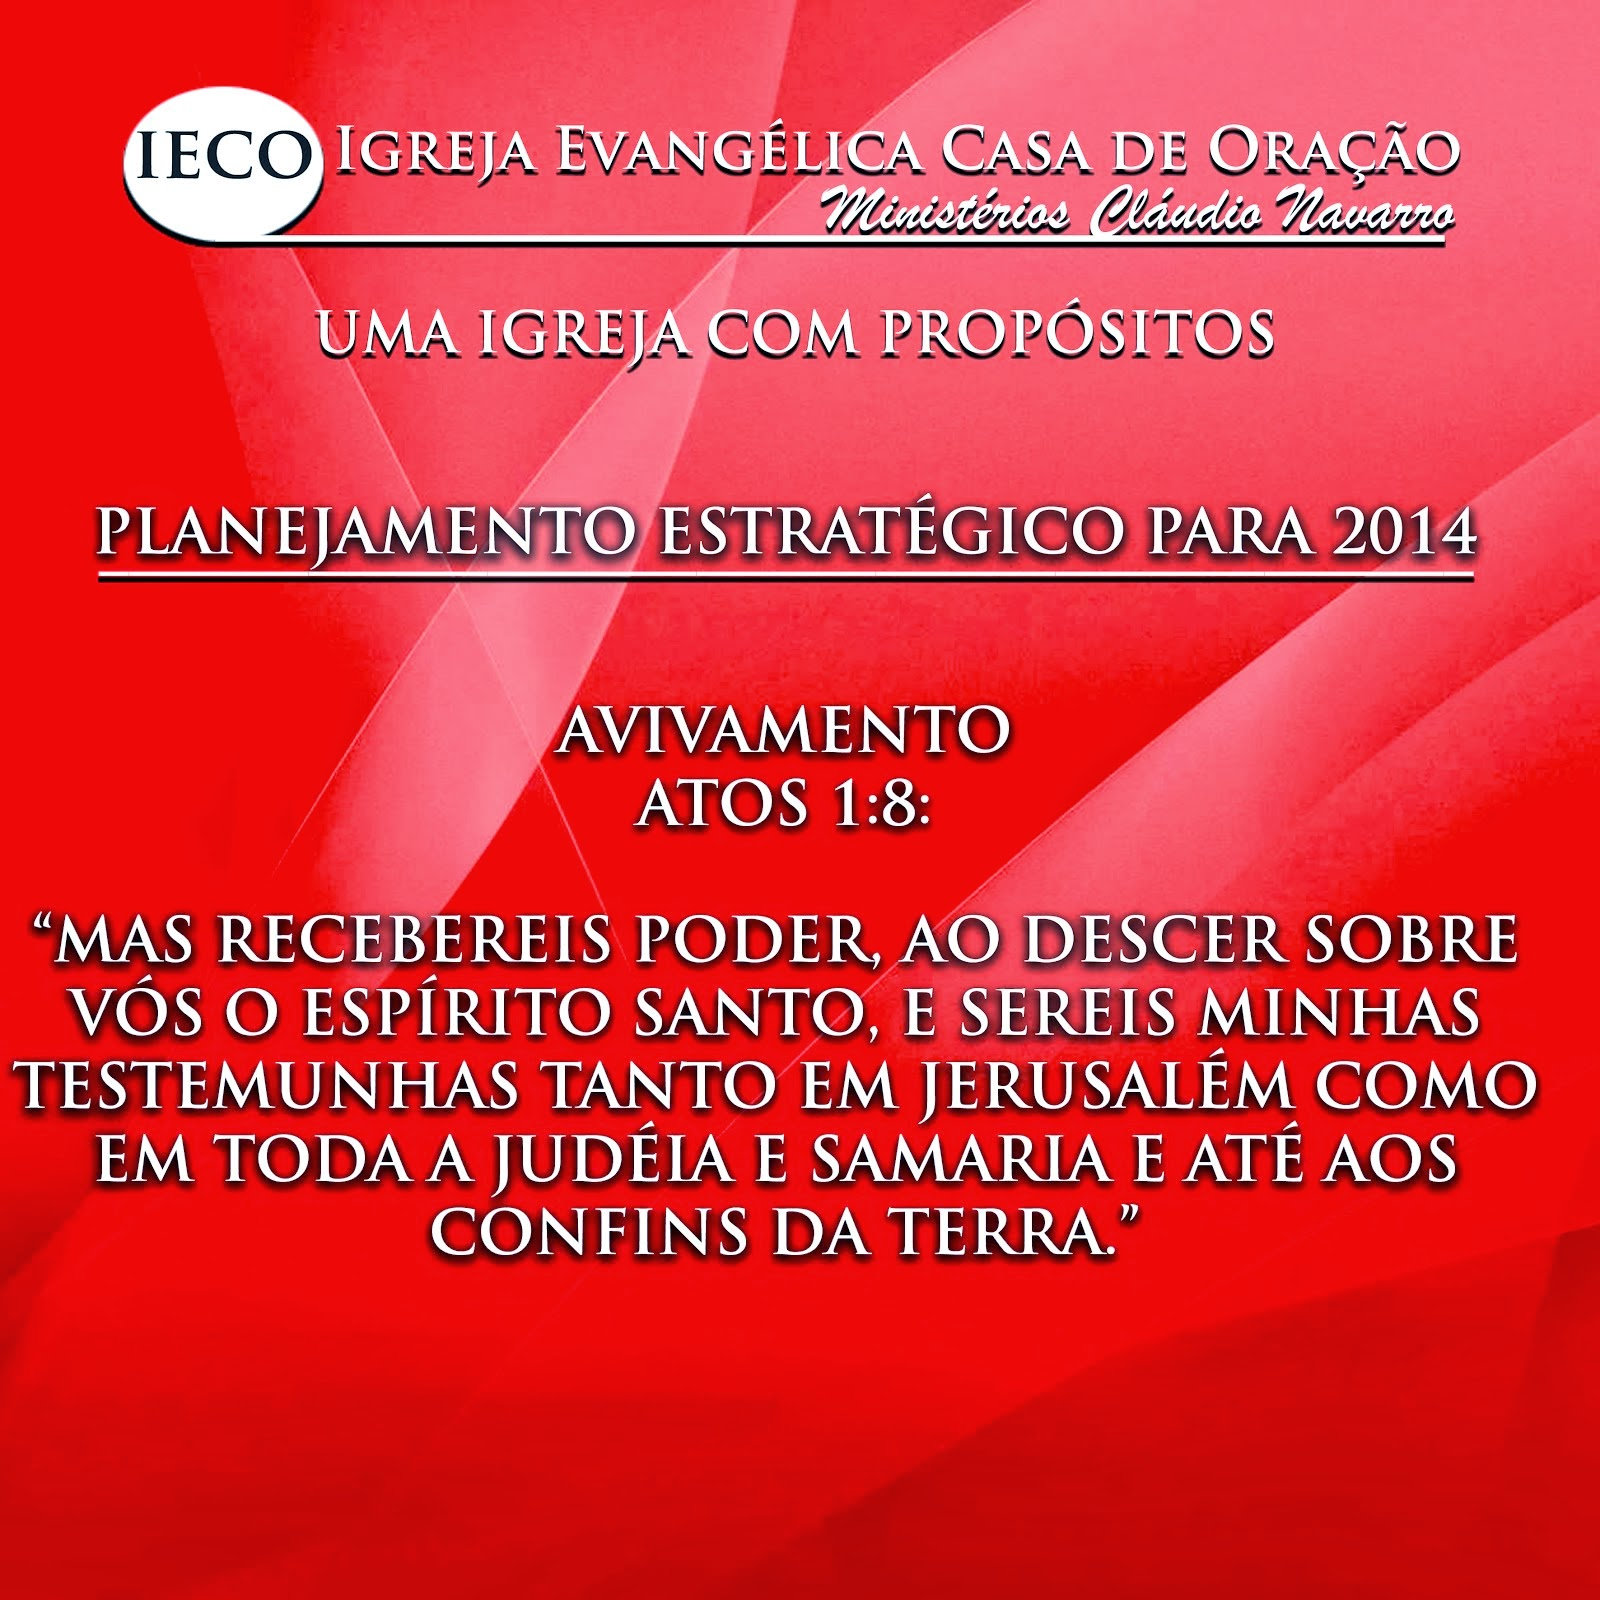 Planejamento Estratégico para 2014